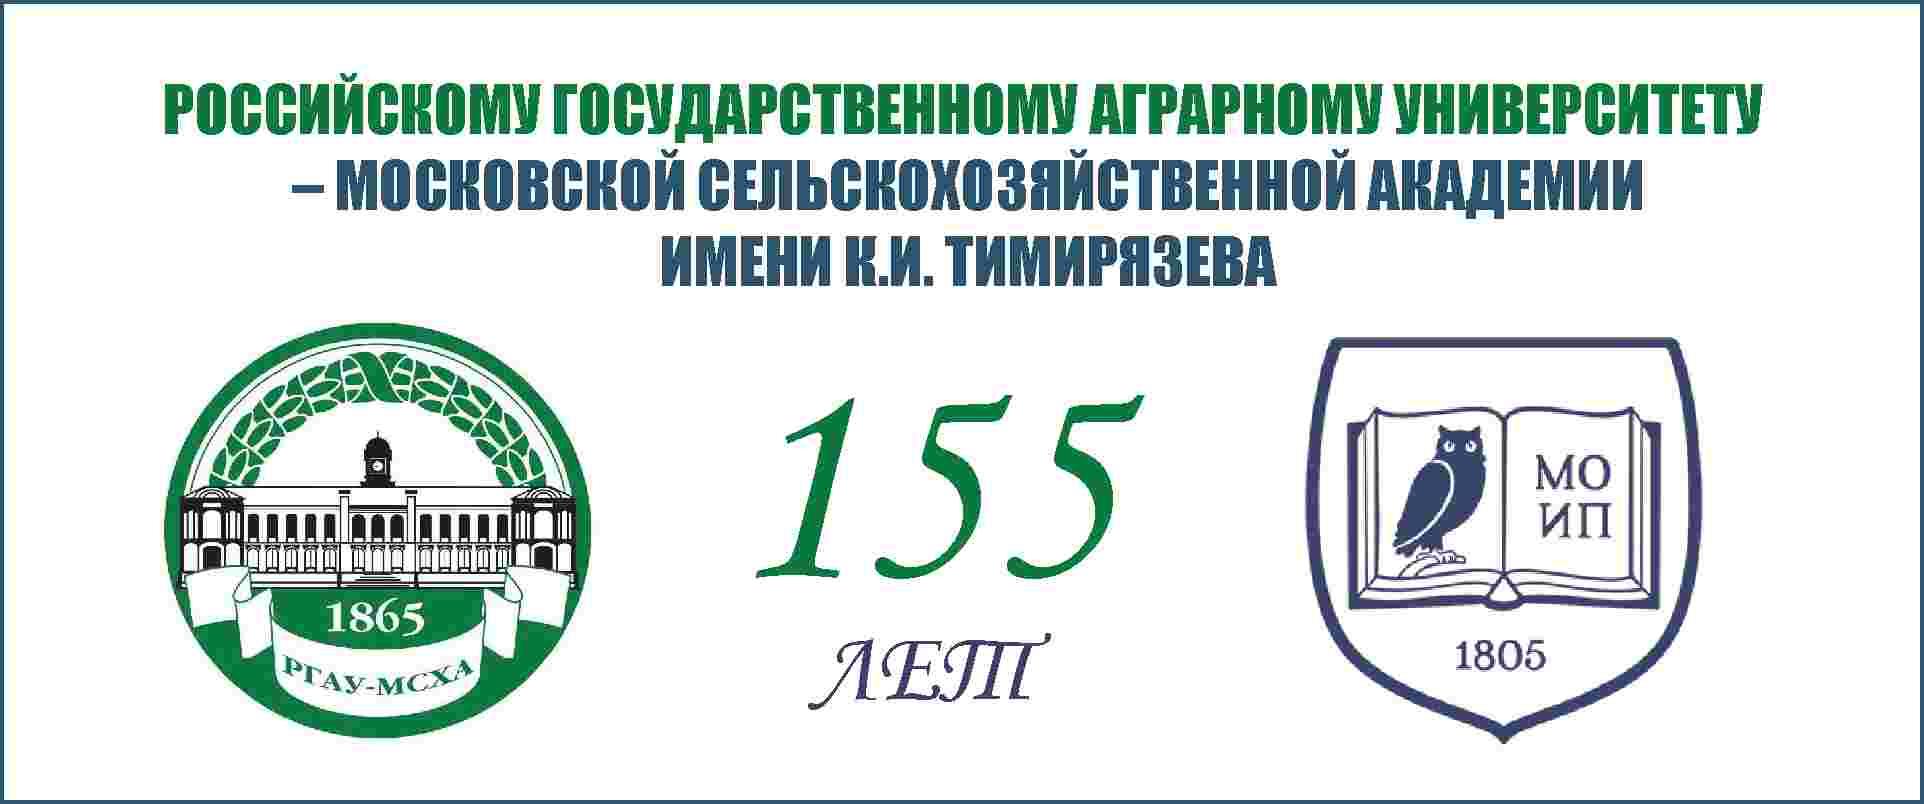 Московской сельскохозяйственной академии имени К.А.Тимирязева - 155 лет